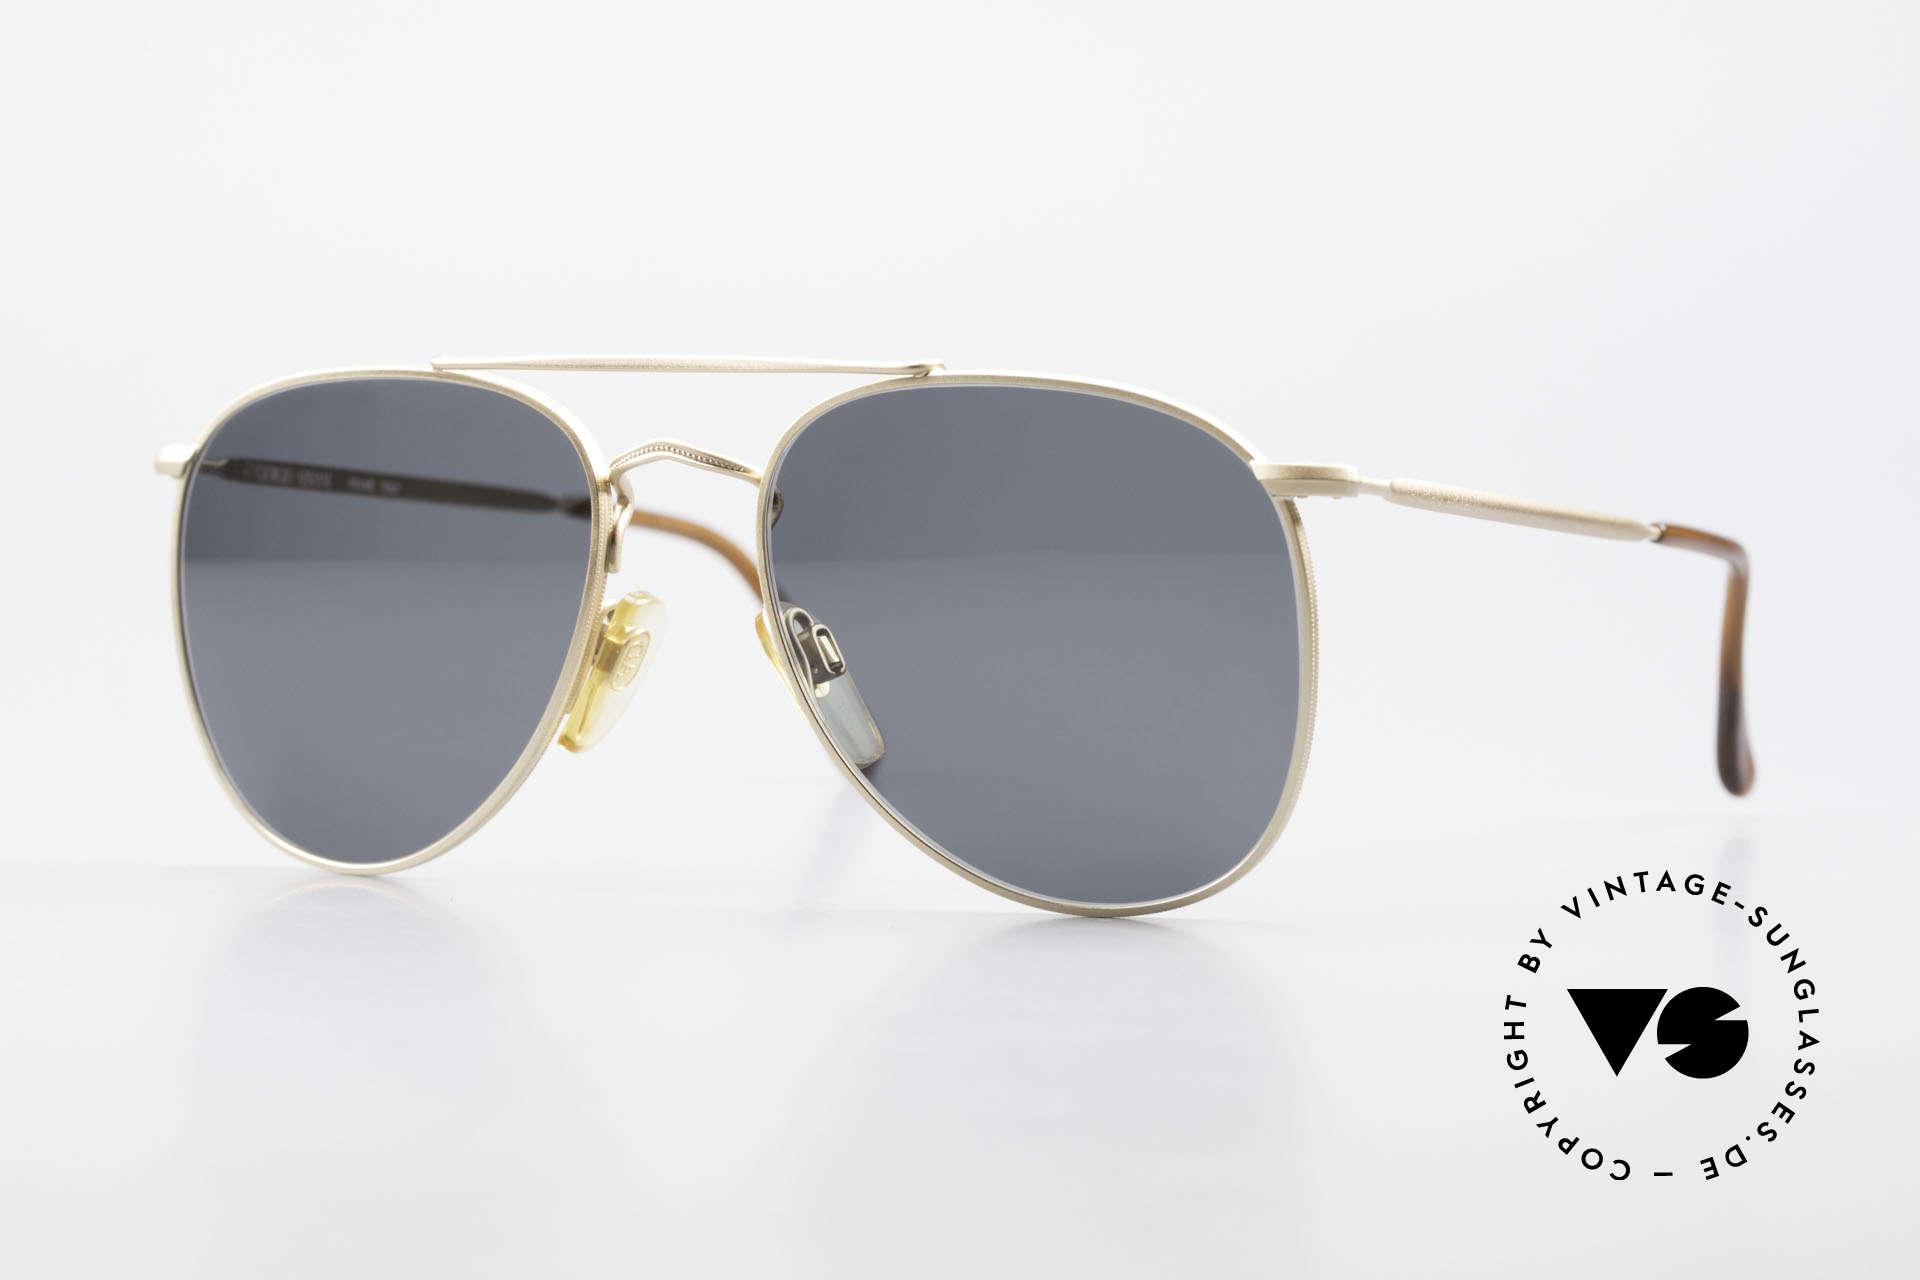 Giorgio Armani 149 Kleine Aviator Sonnenbrille, schlichter, mattgoldener Rahmen mit Doppelbrücke, Passend für Herren und Damen